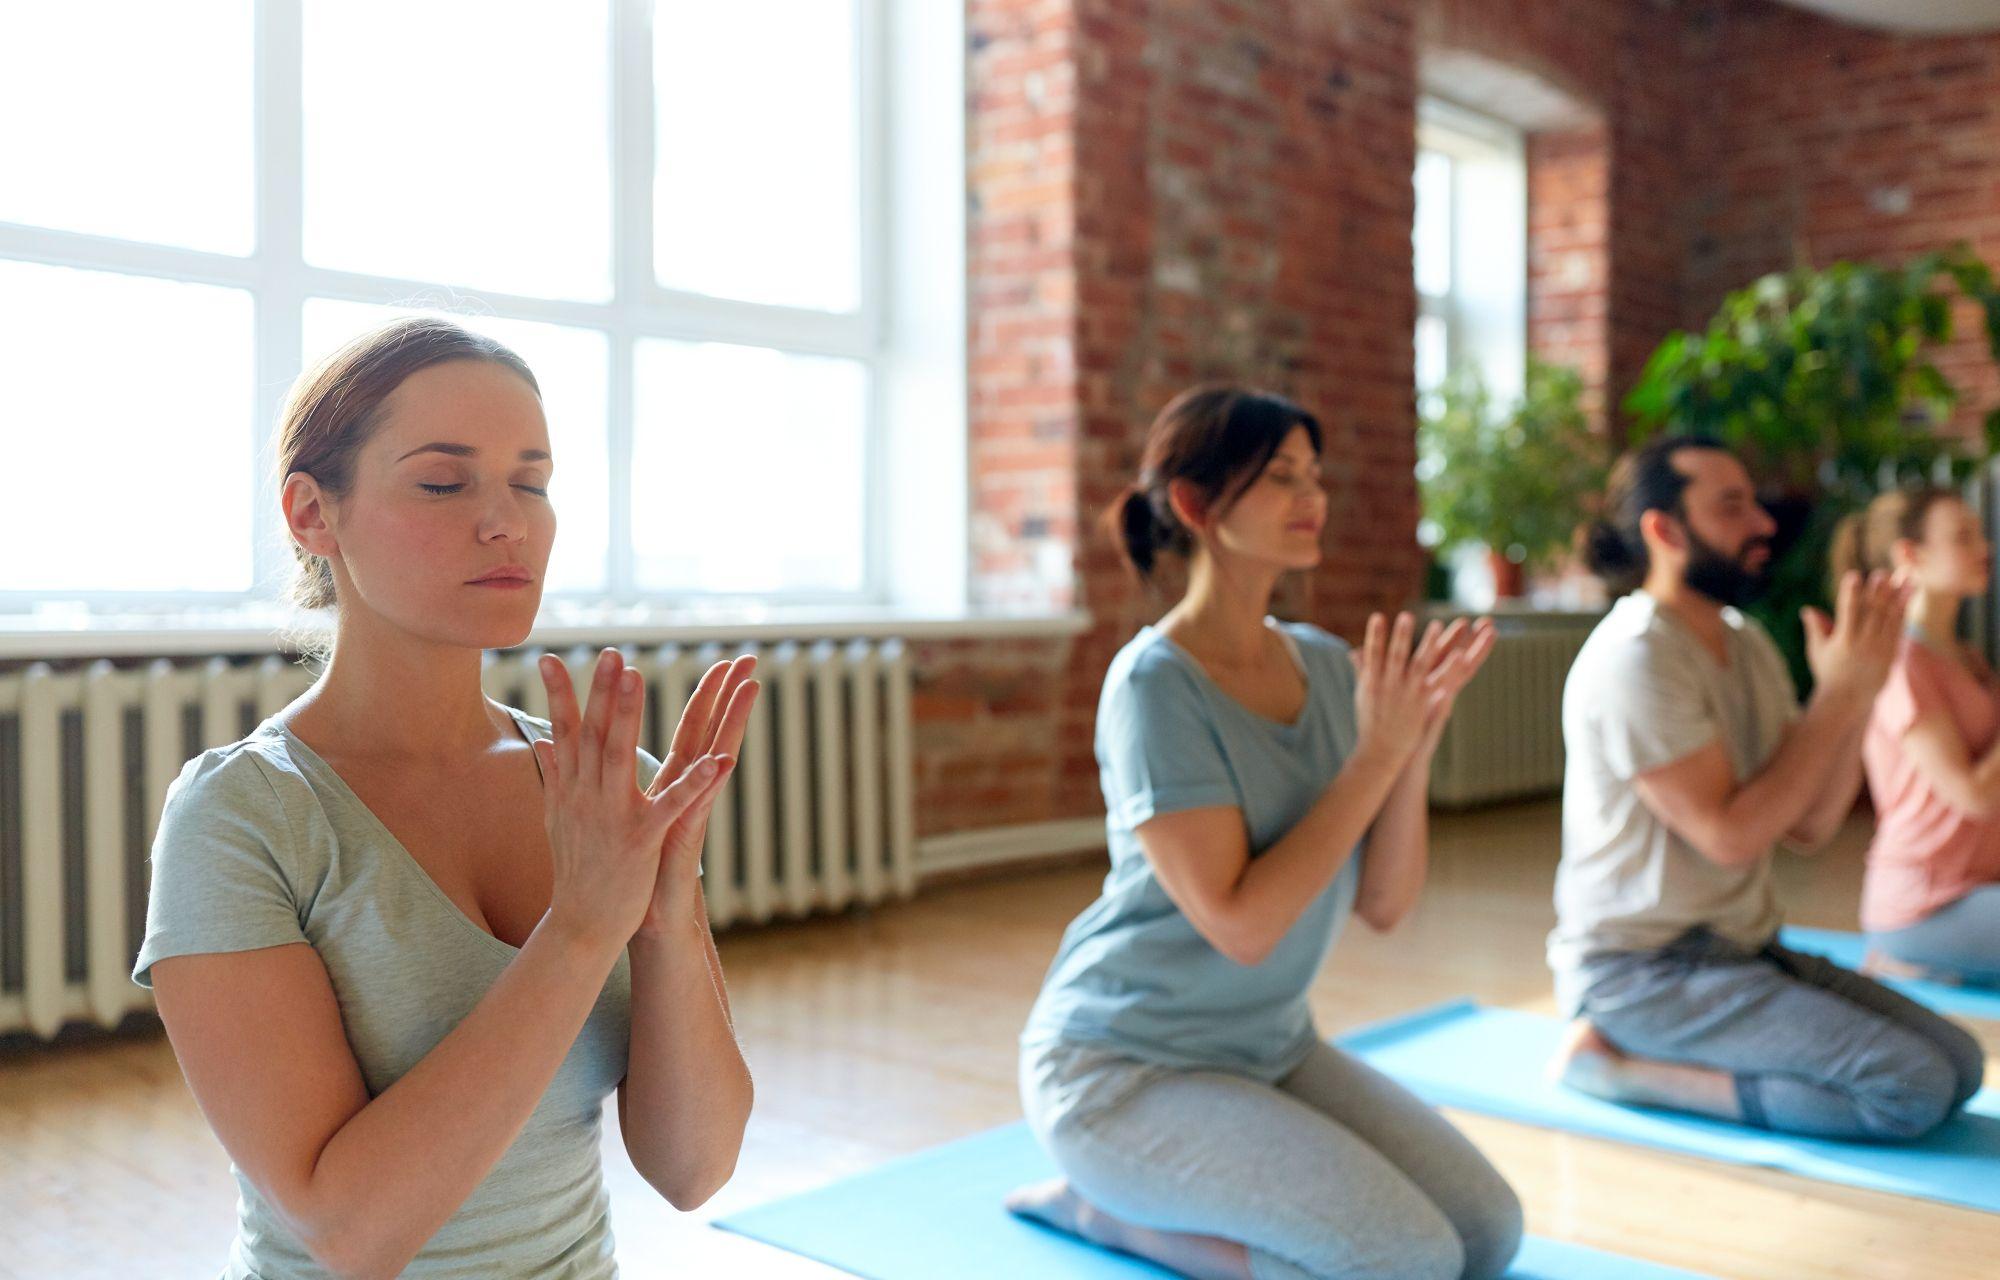 Neljä ihmistä joogakoulussa